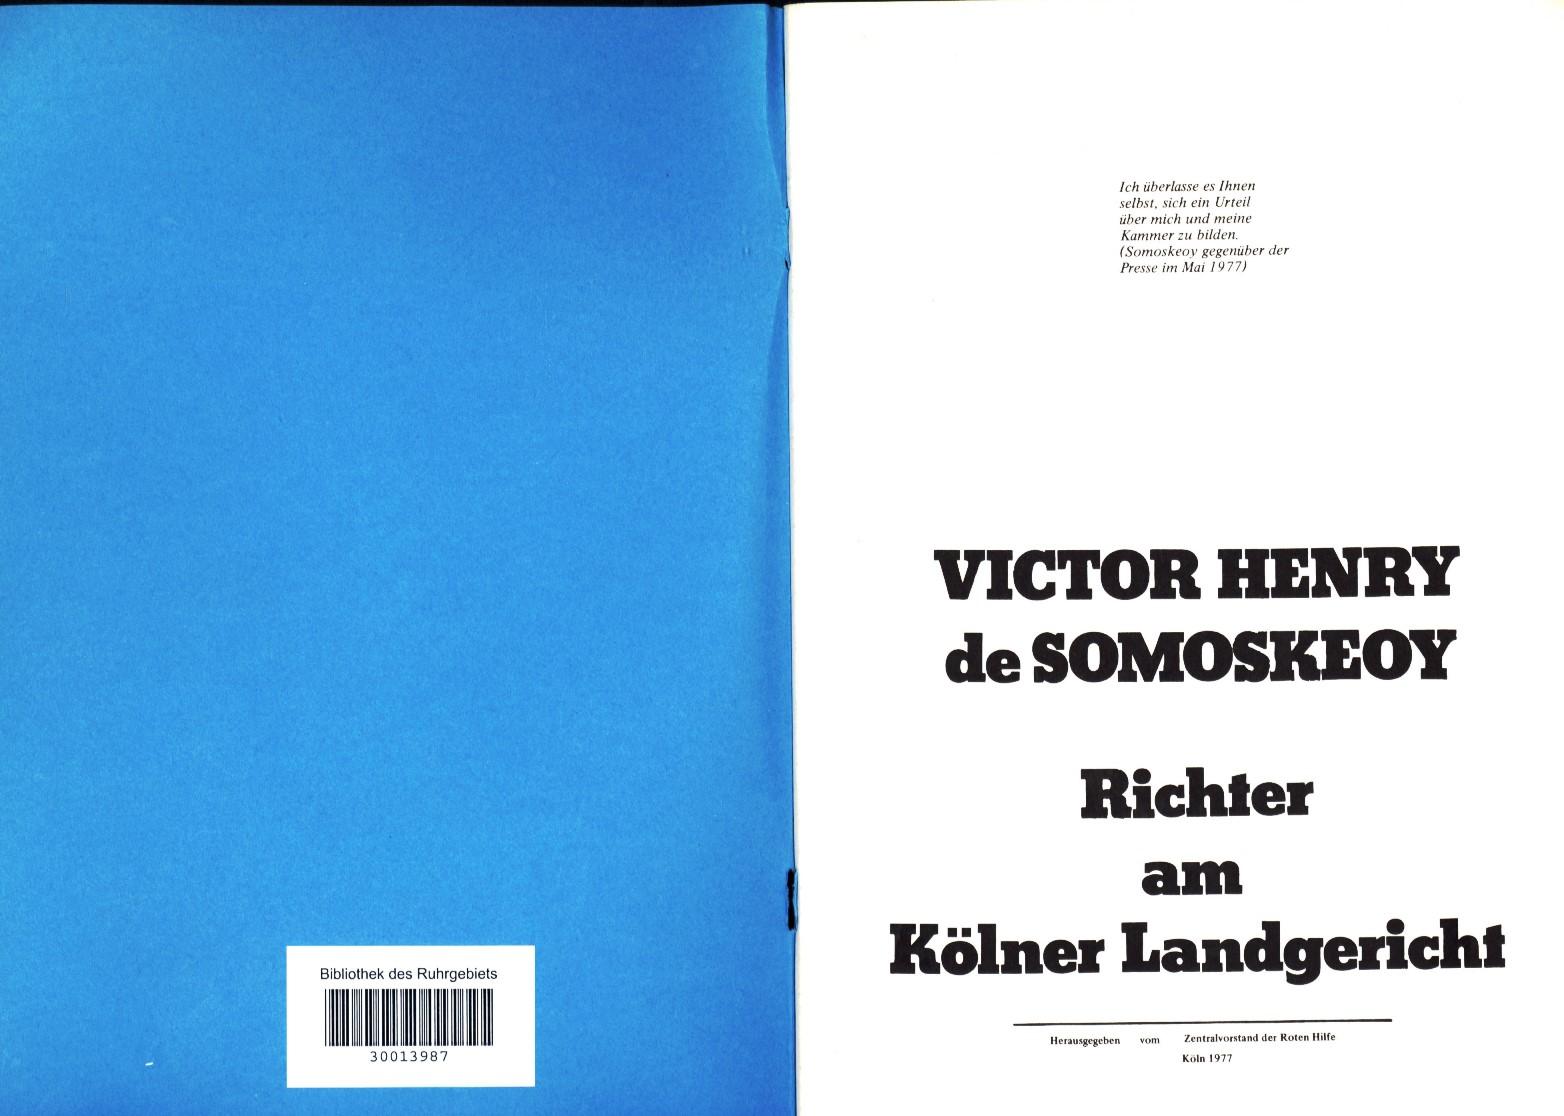 RHeV_1977_Somoskeoy_02